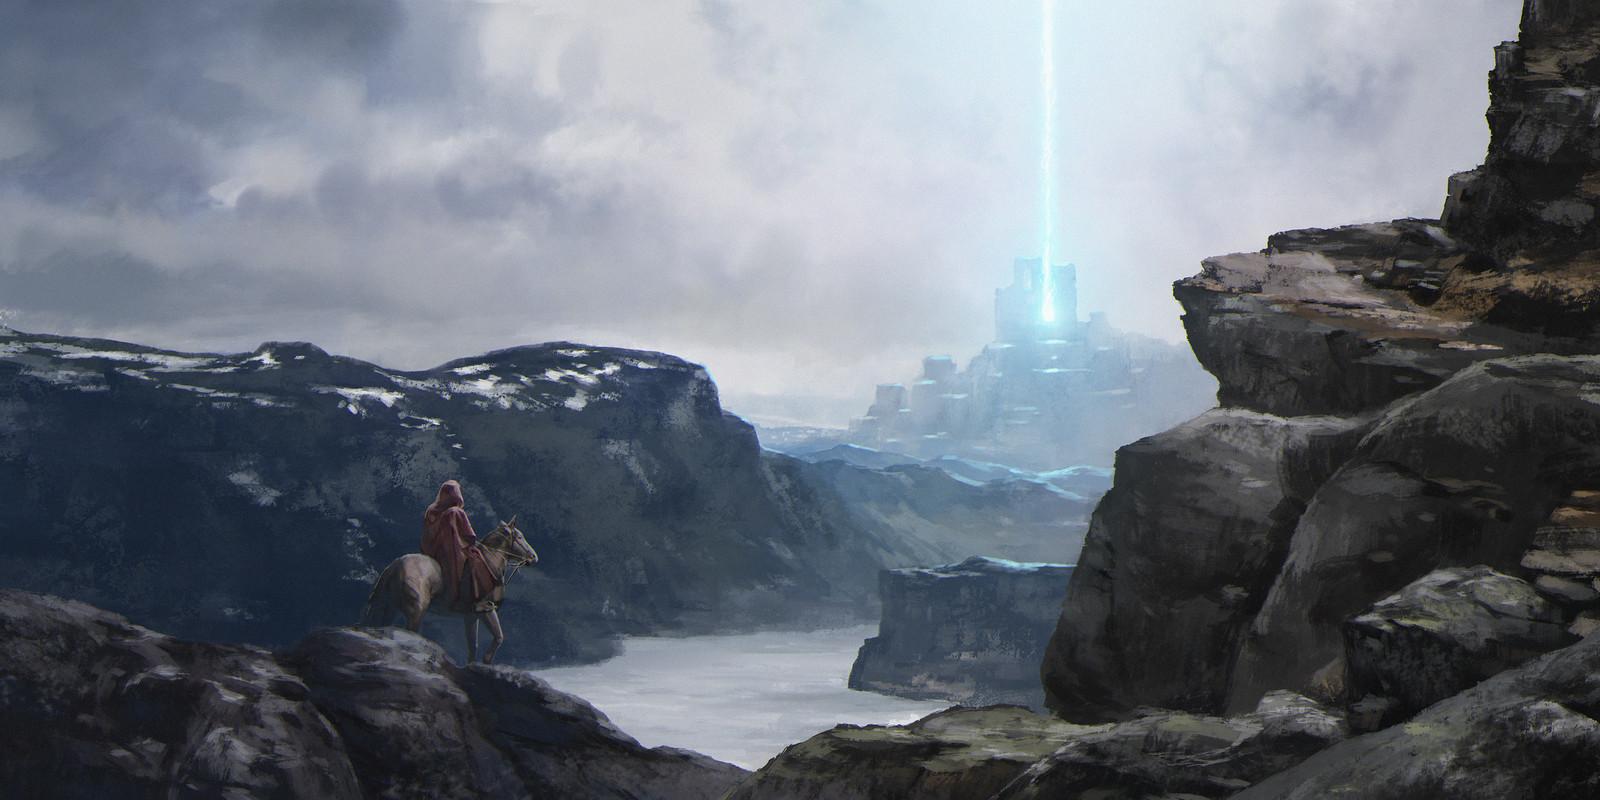 Pilgrimage to the last beacon